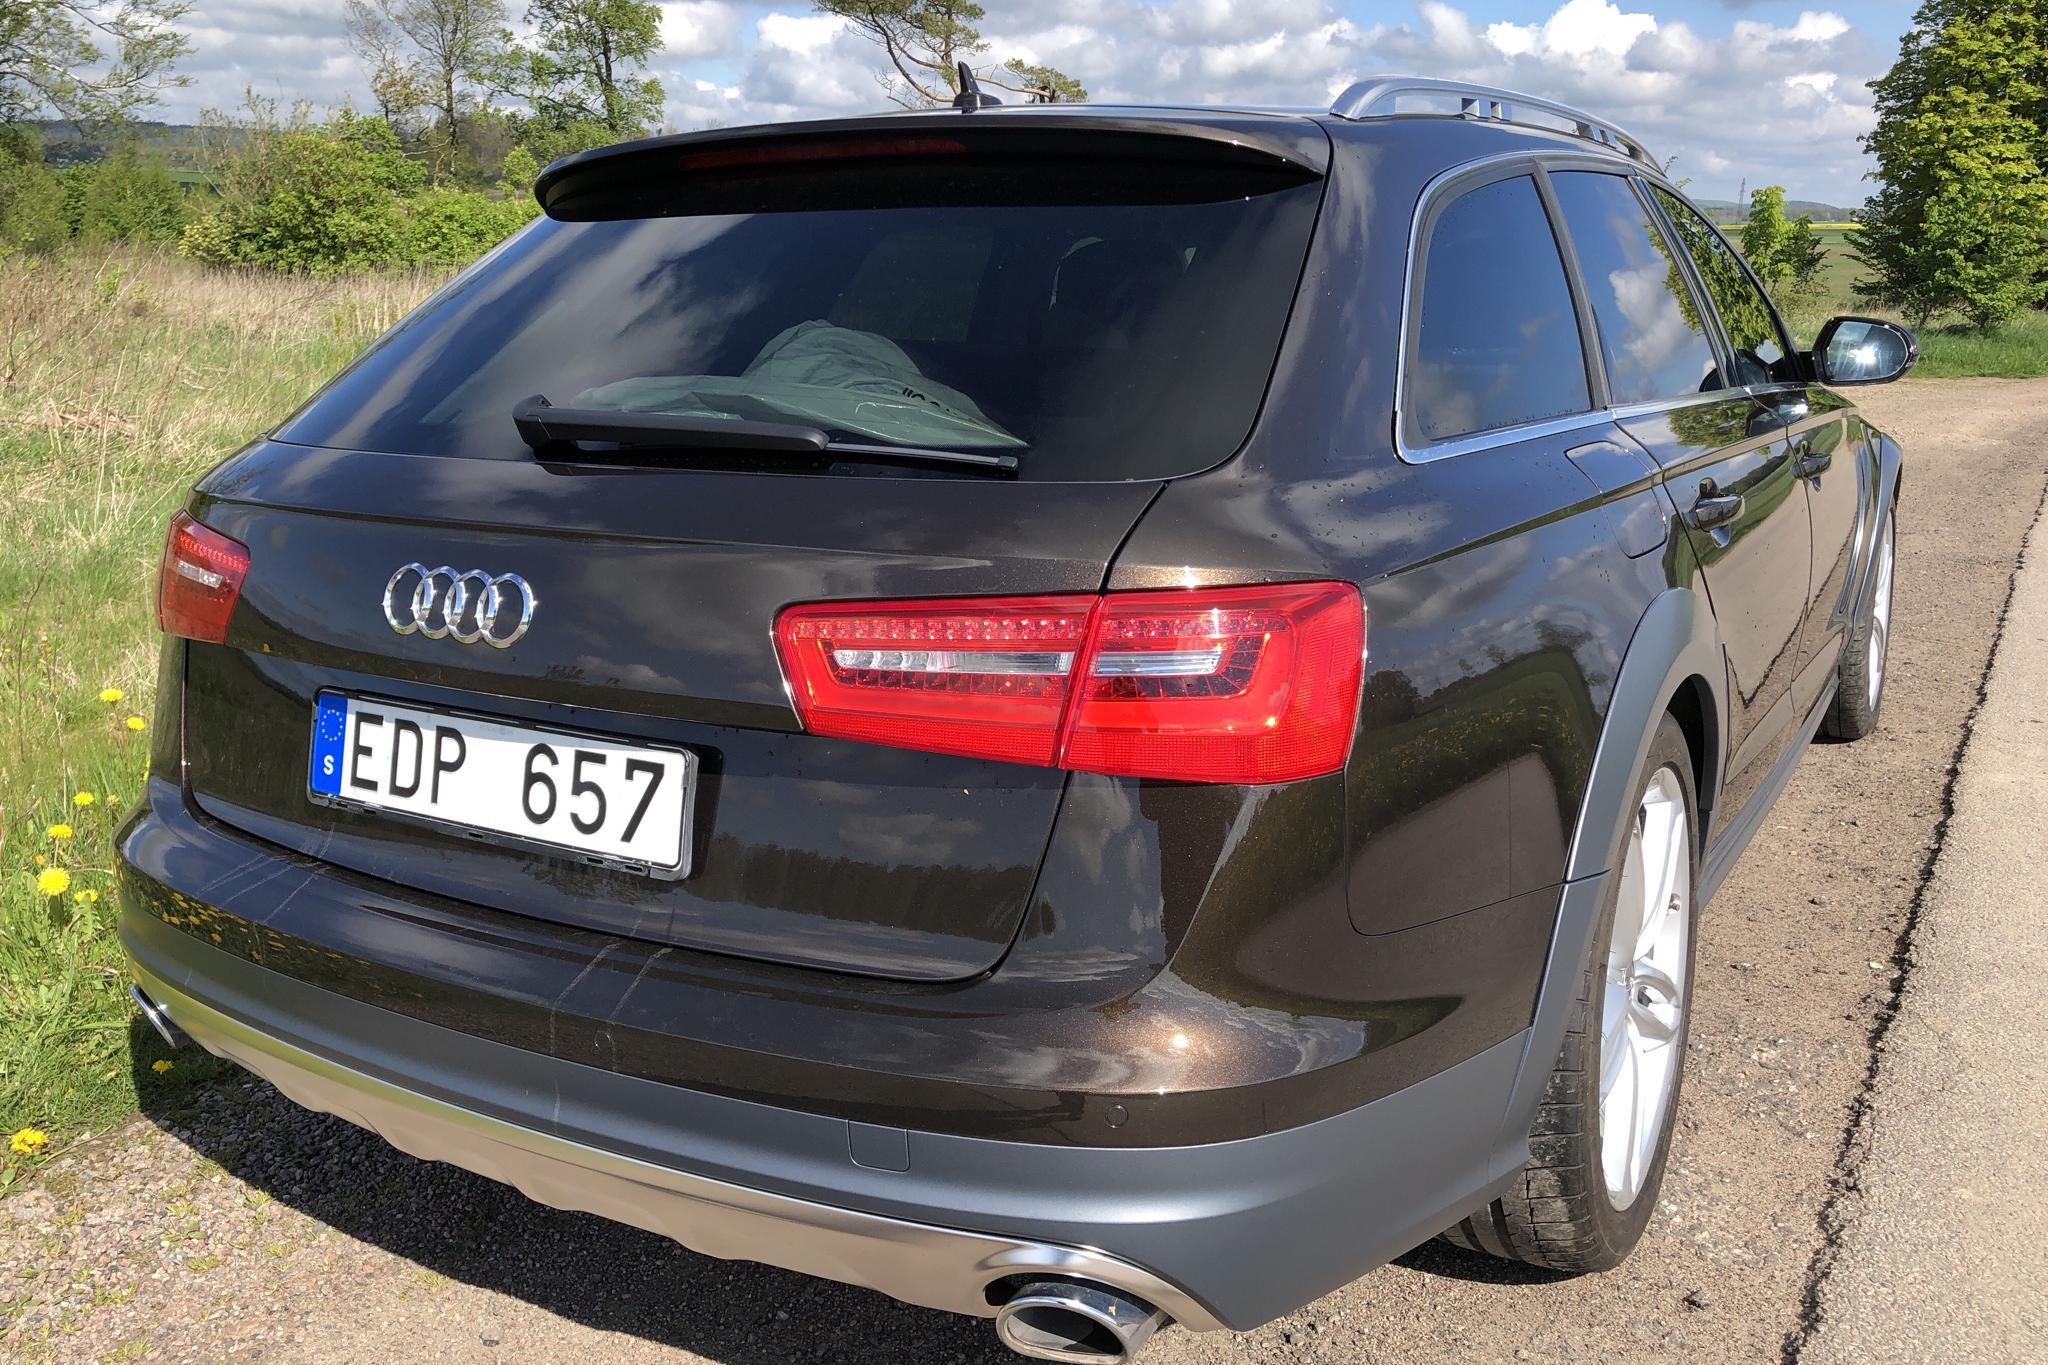 Audi A6 Allroad 3.0 TDI quattro (204hk) - 19 189 mil - Automat - brun - 2014